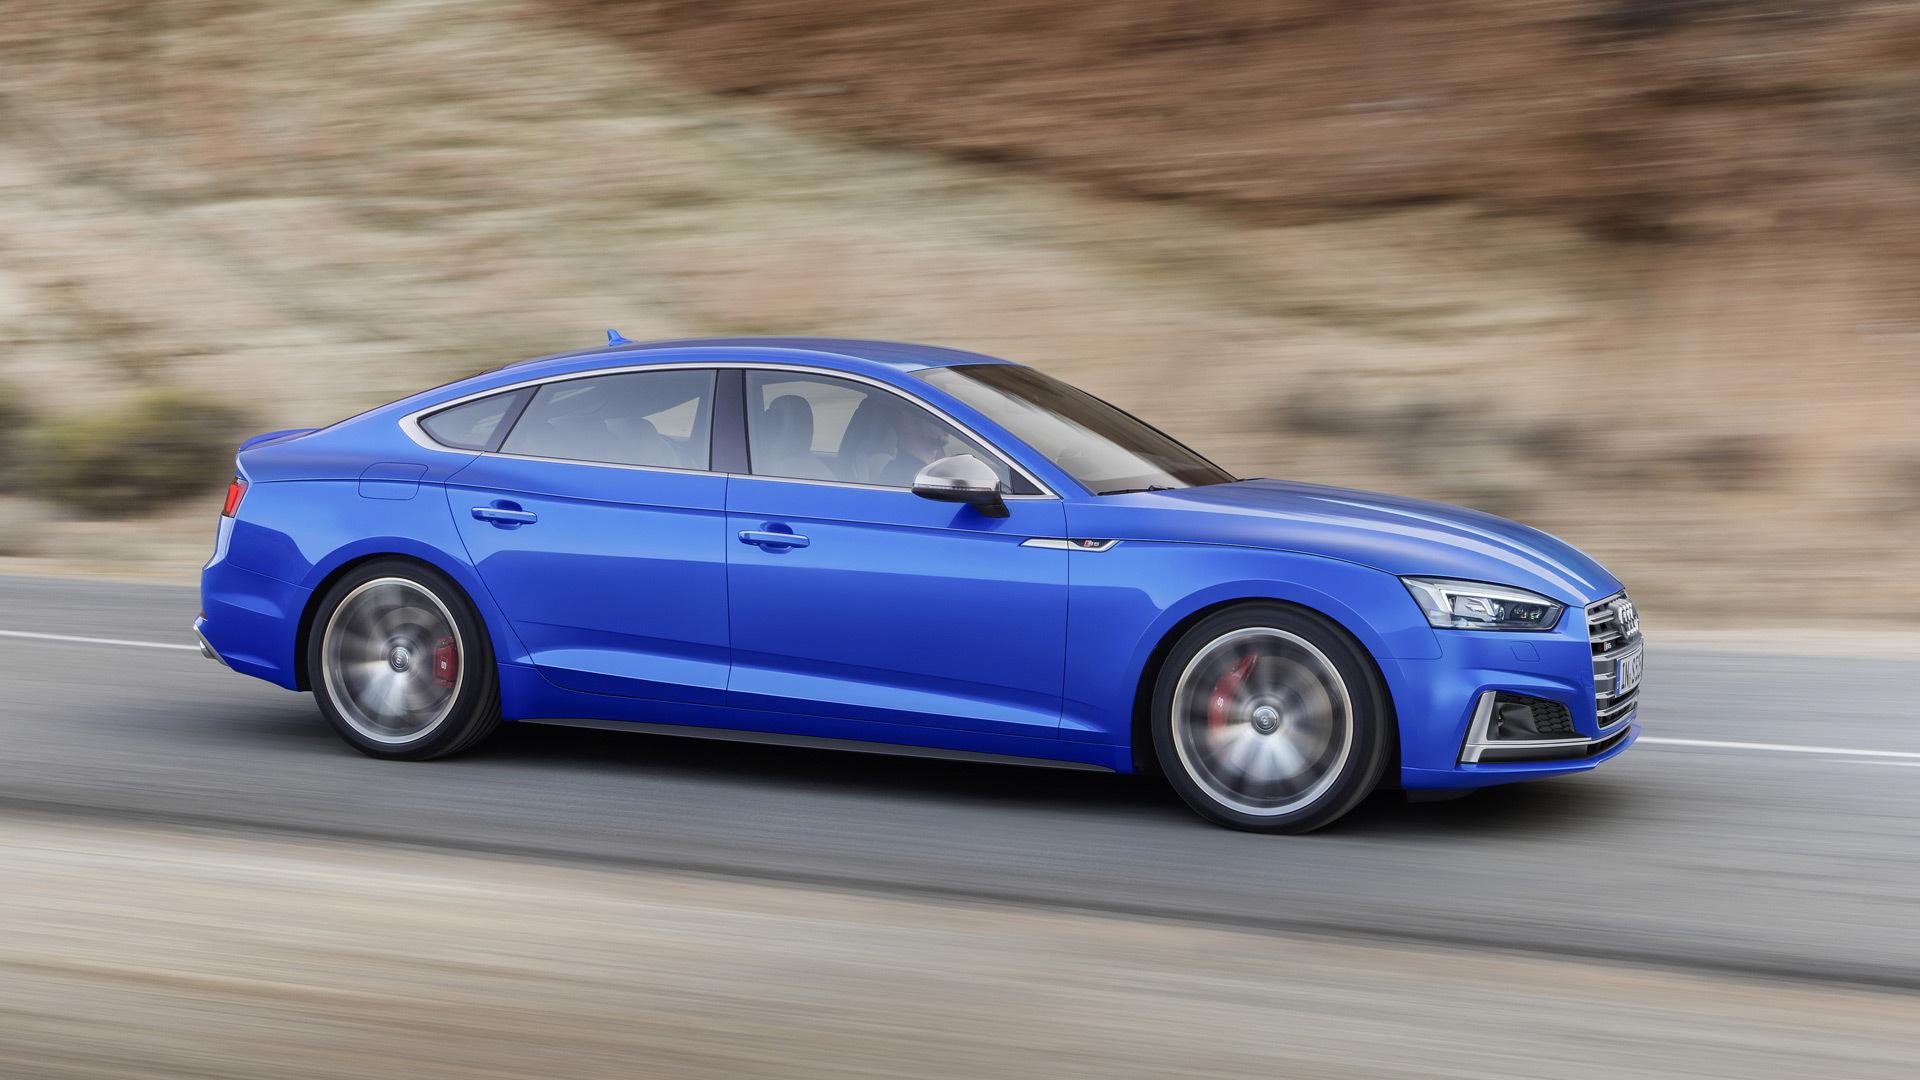 Kelebihan Kekurangan Audi A5 Sportback 2016 Tangguh